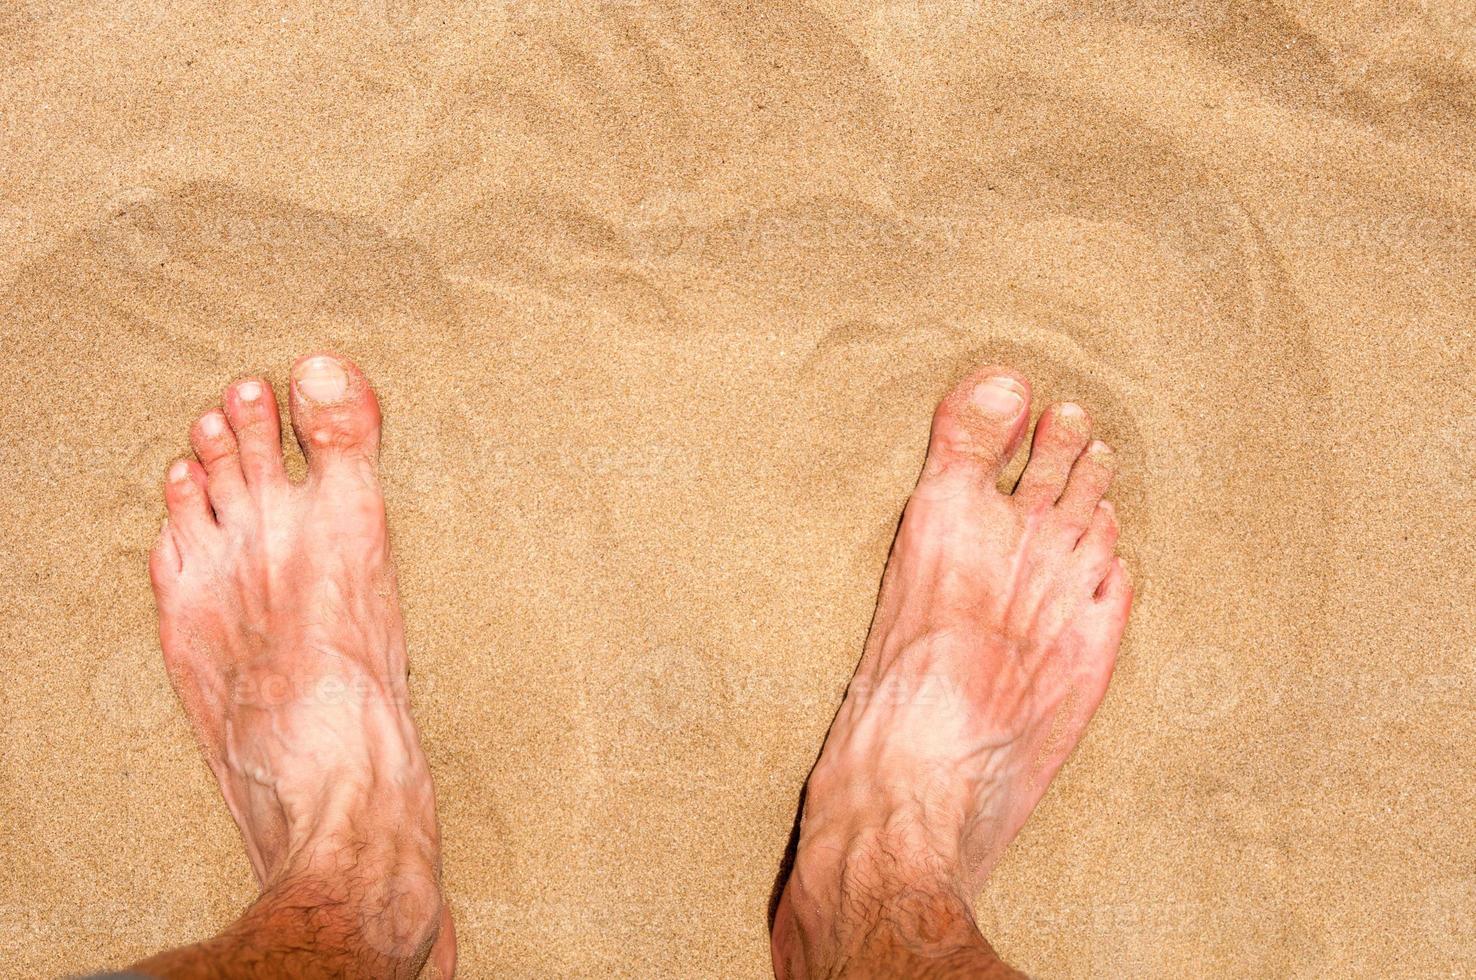 piede del maschio sulla sabbia foto